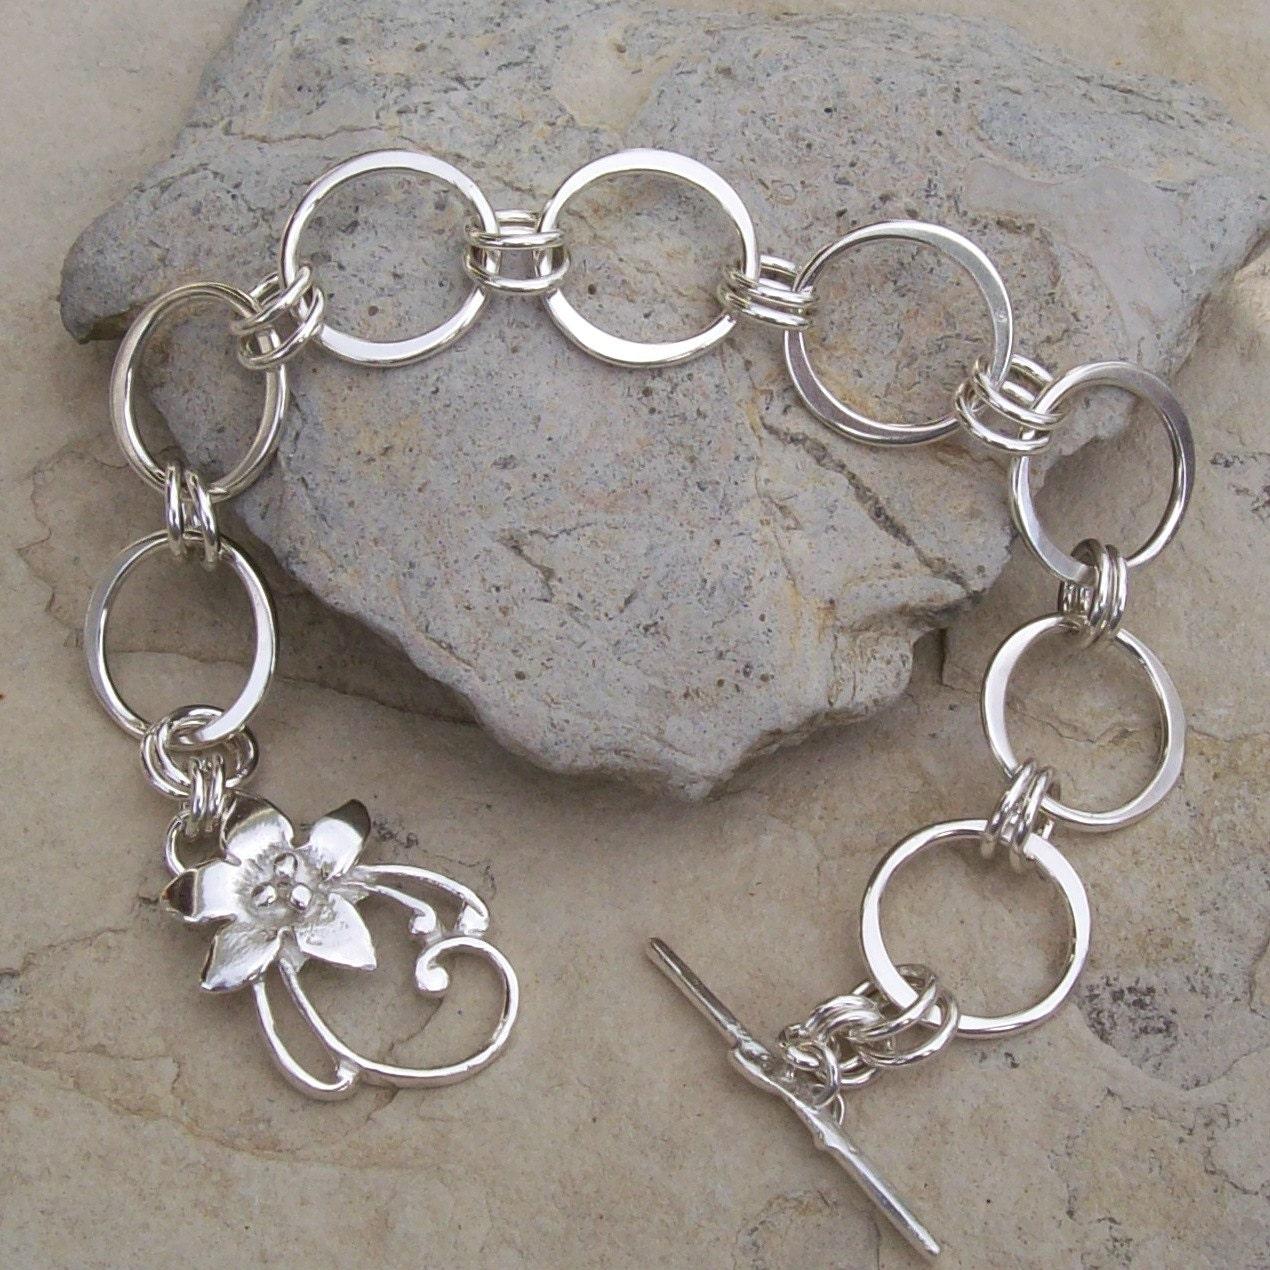 Ring Bracelet Chain: Handmade Sterling Silver Chain Bracelet With Sterling Silver